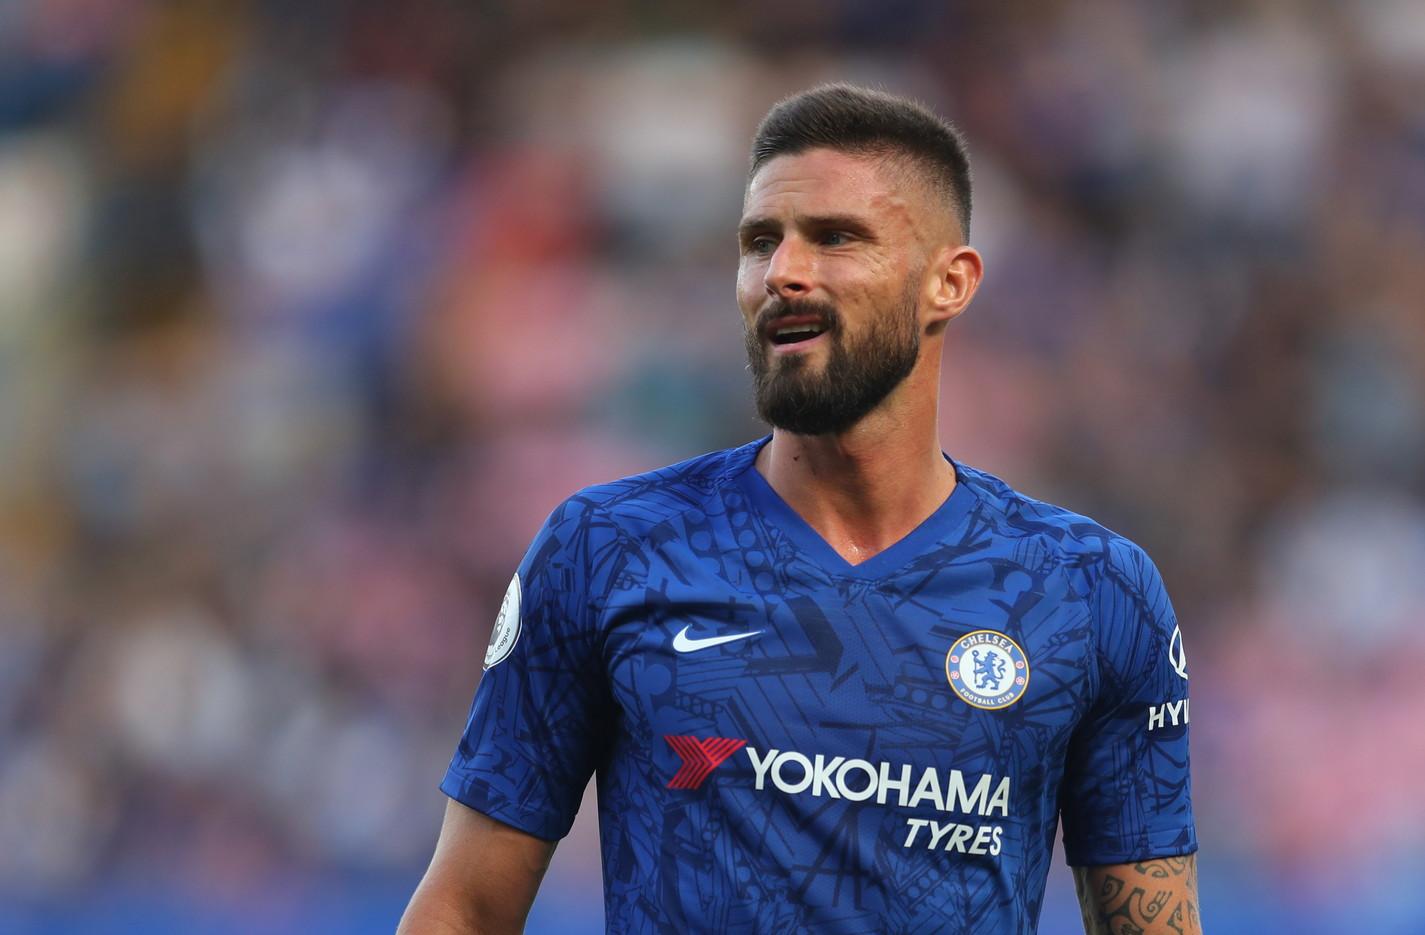 Giroud (Chelsea): prima punta stile Llorente, Conte lo ha già allenato ai tempi dei Blues e con Lampard sta trovando poco spazio